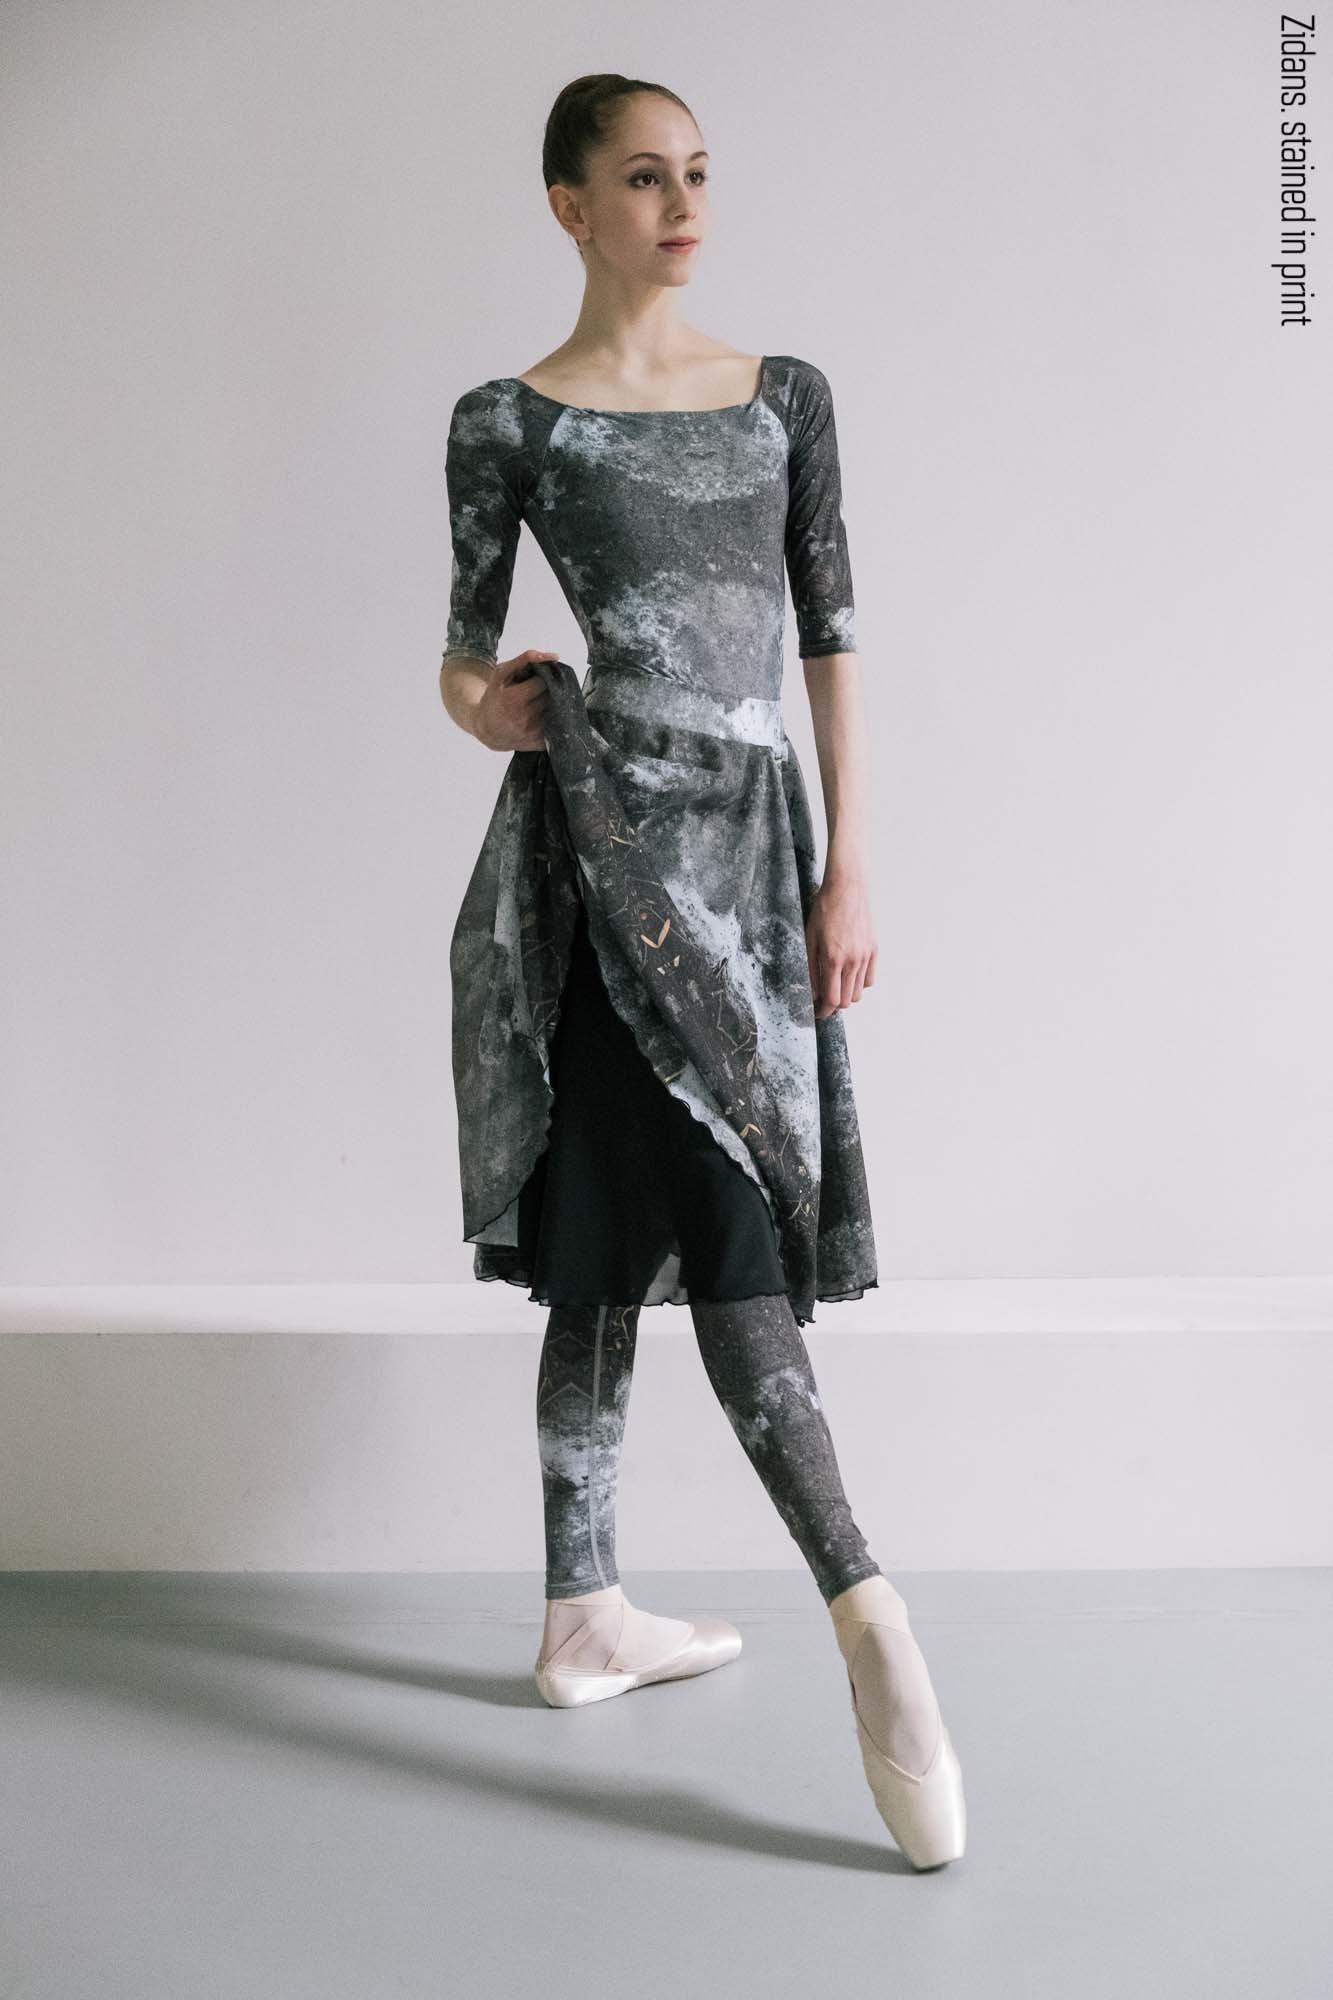 Двусторонняя юбка, испачканная принтом   слякоть